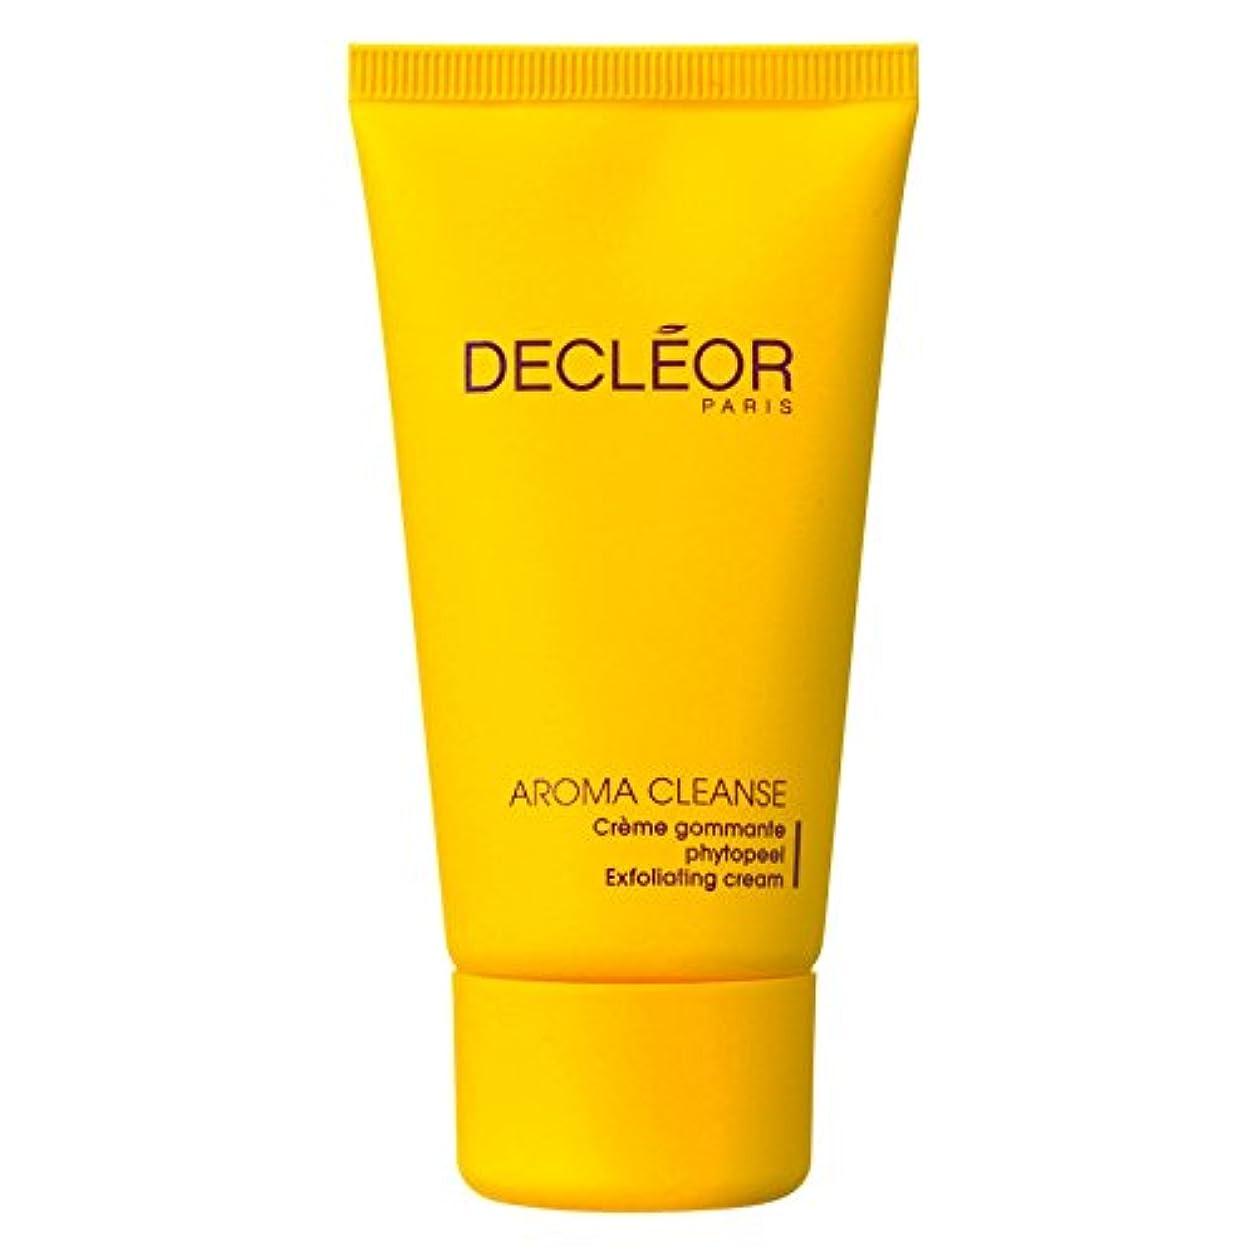 比率キャラクター生き物[Decl?or] デクレオールソースドールエクラ輝きピーリングクリーム50Ml - Decl?or Source D'Eclat Radiance Exfoliating Cream 50ml [並行輸入品]